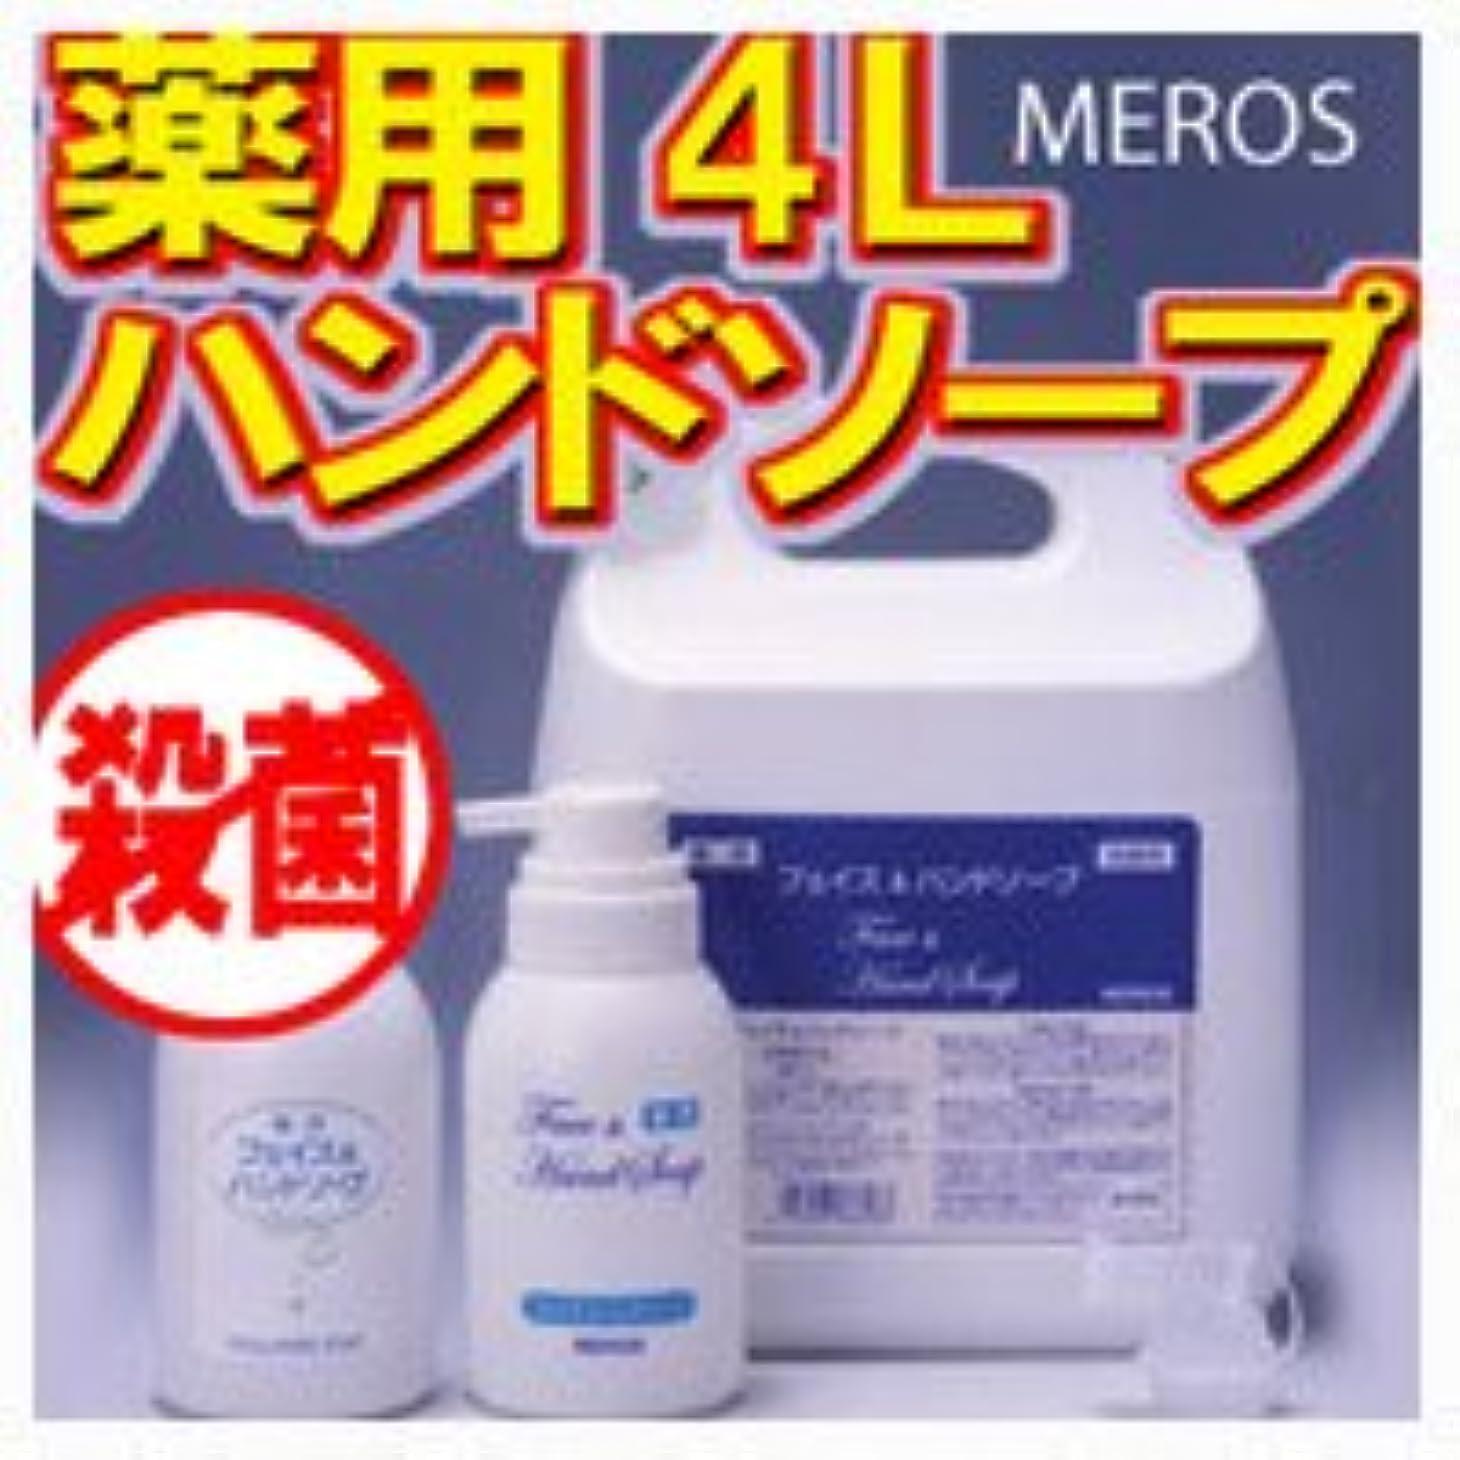 メロス 薬用ハンドソープ 4L 【泡ポンプボトル付き】